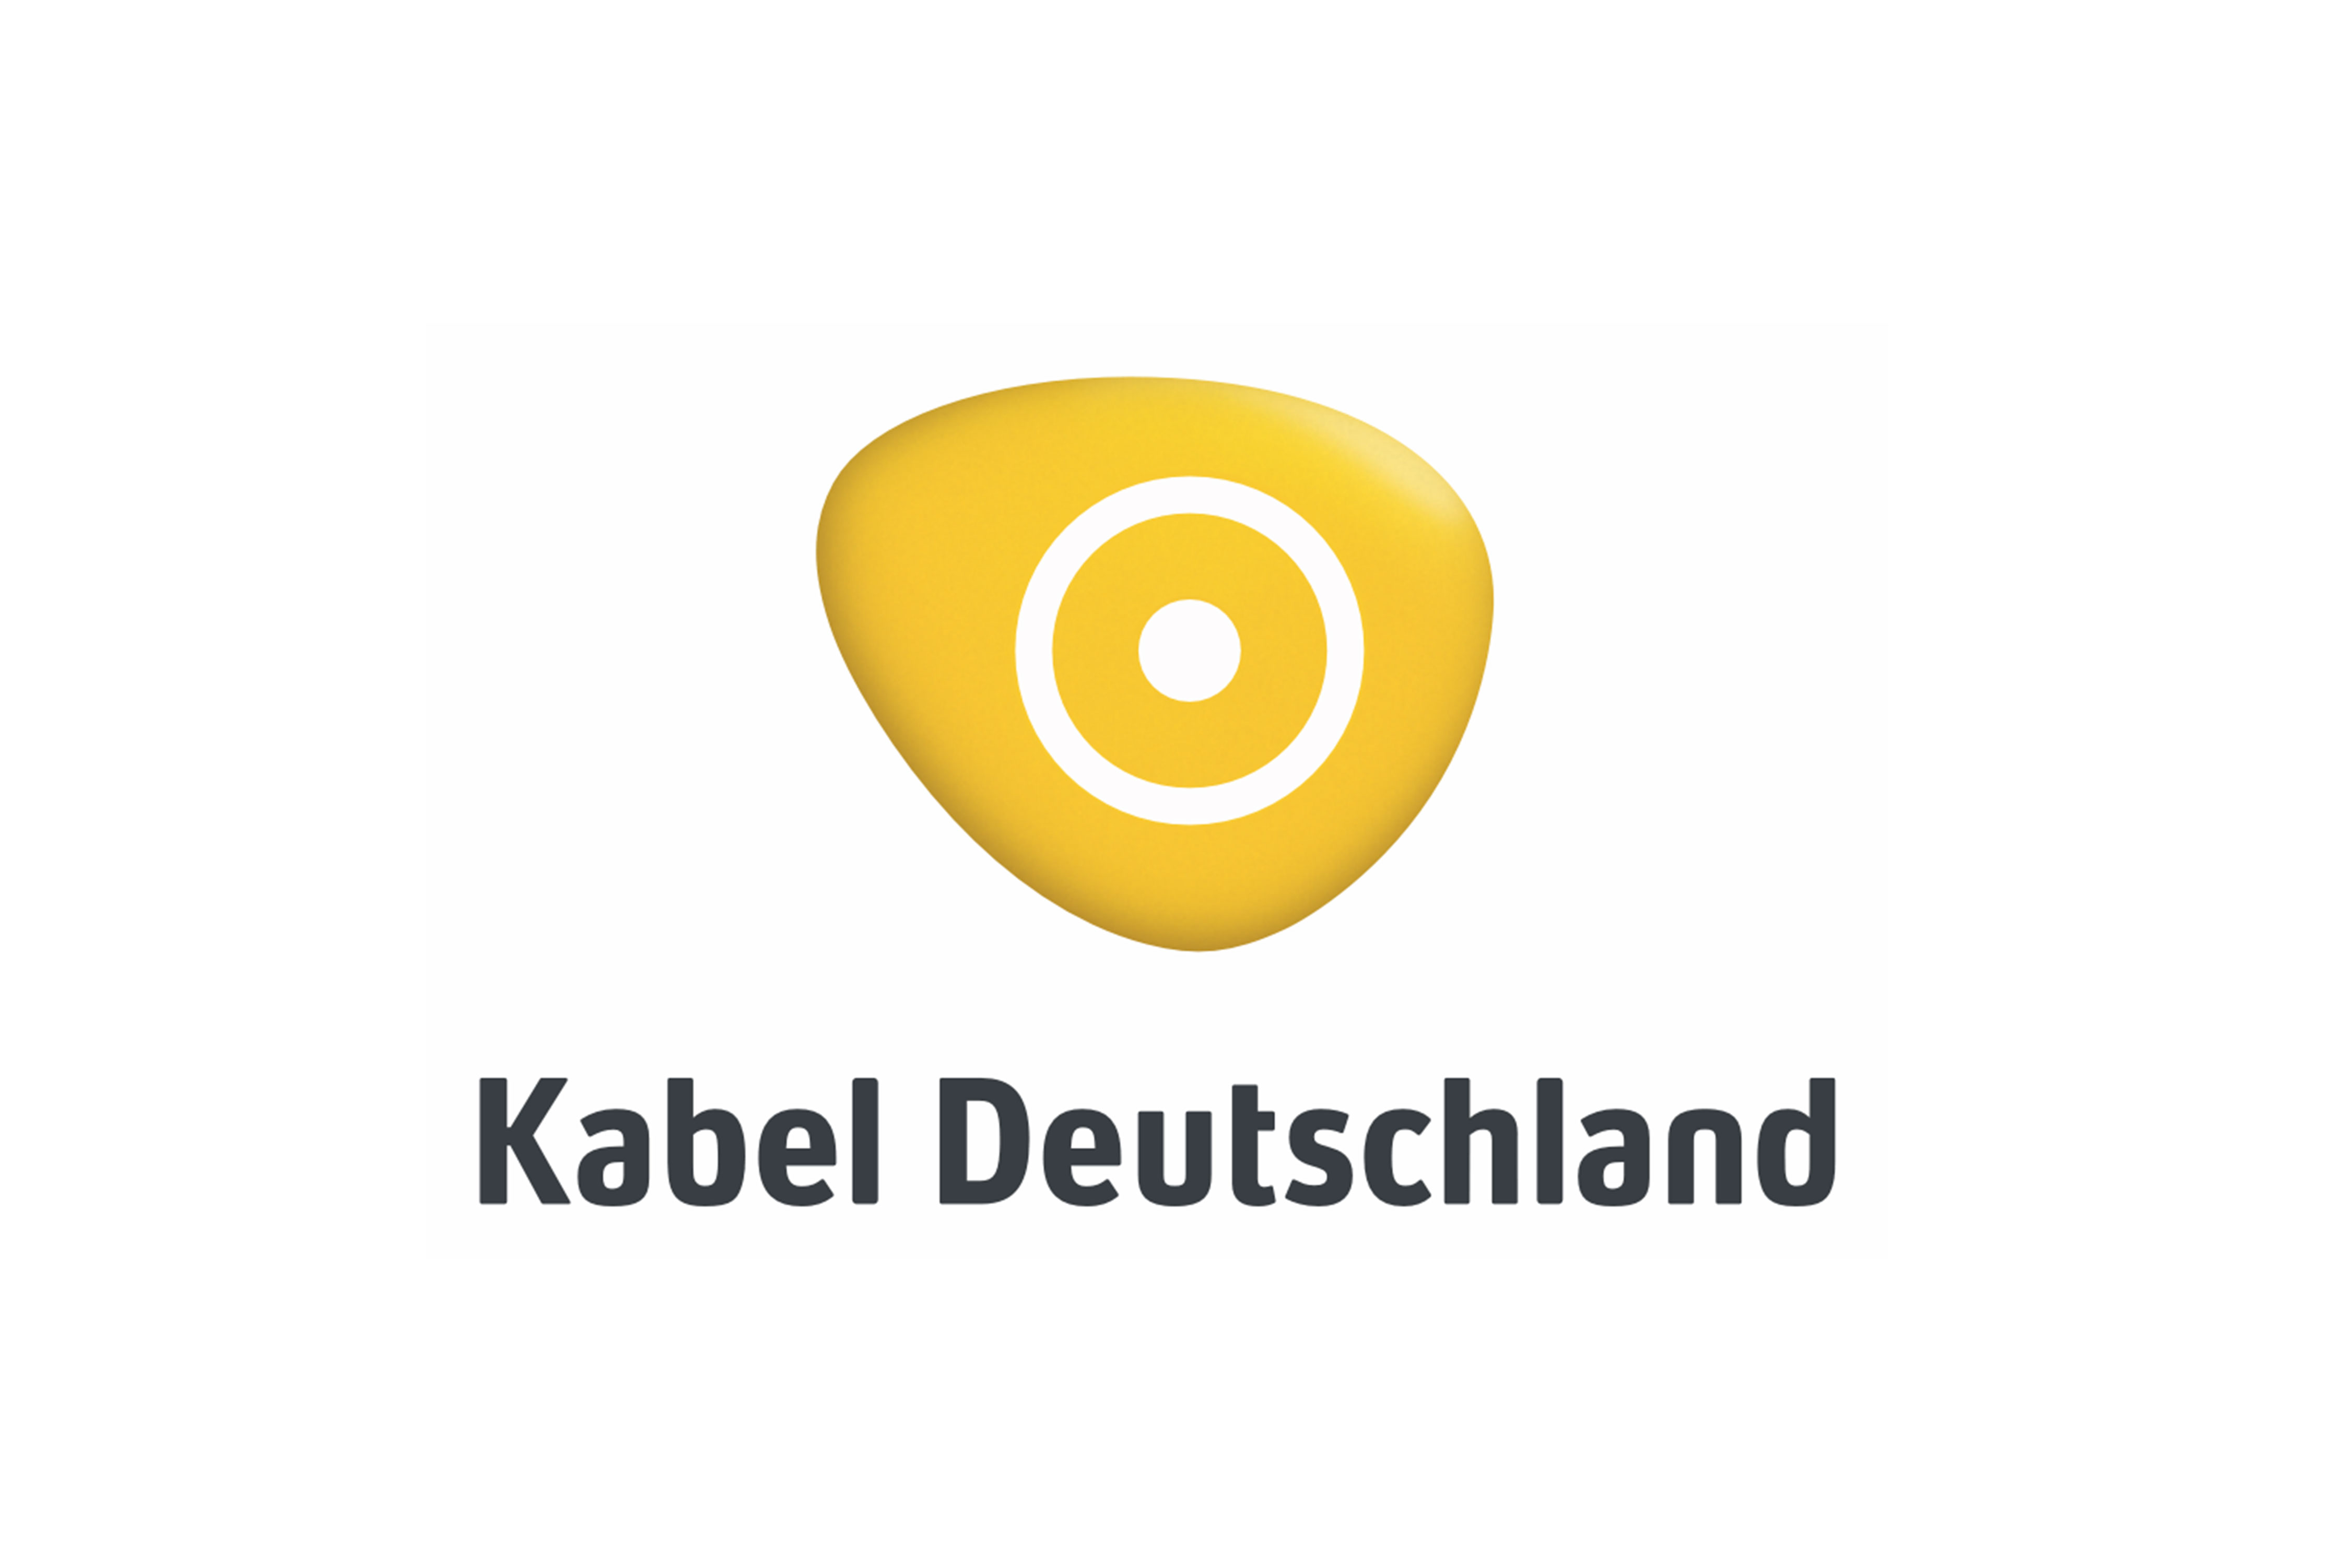 kabeldeutschland-logo